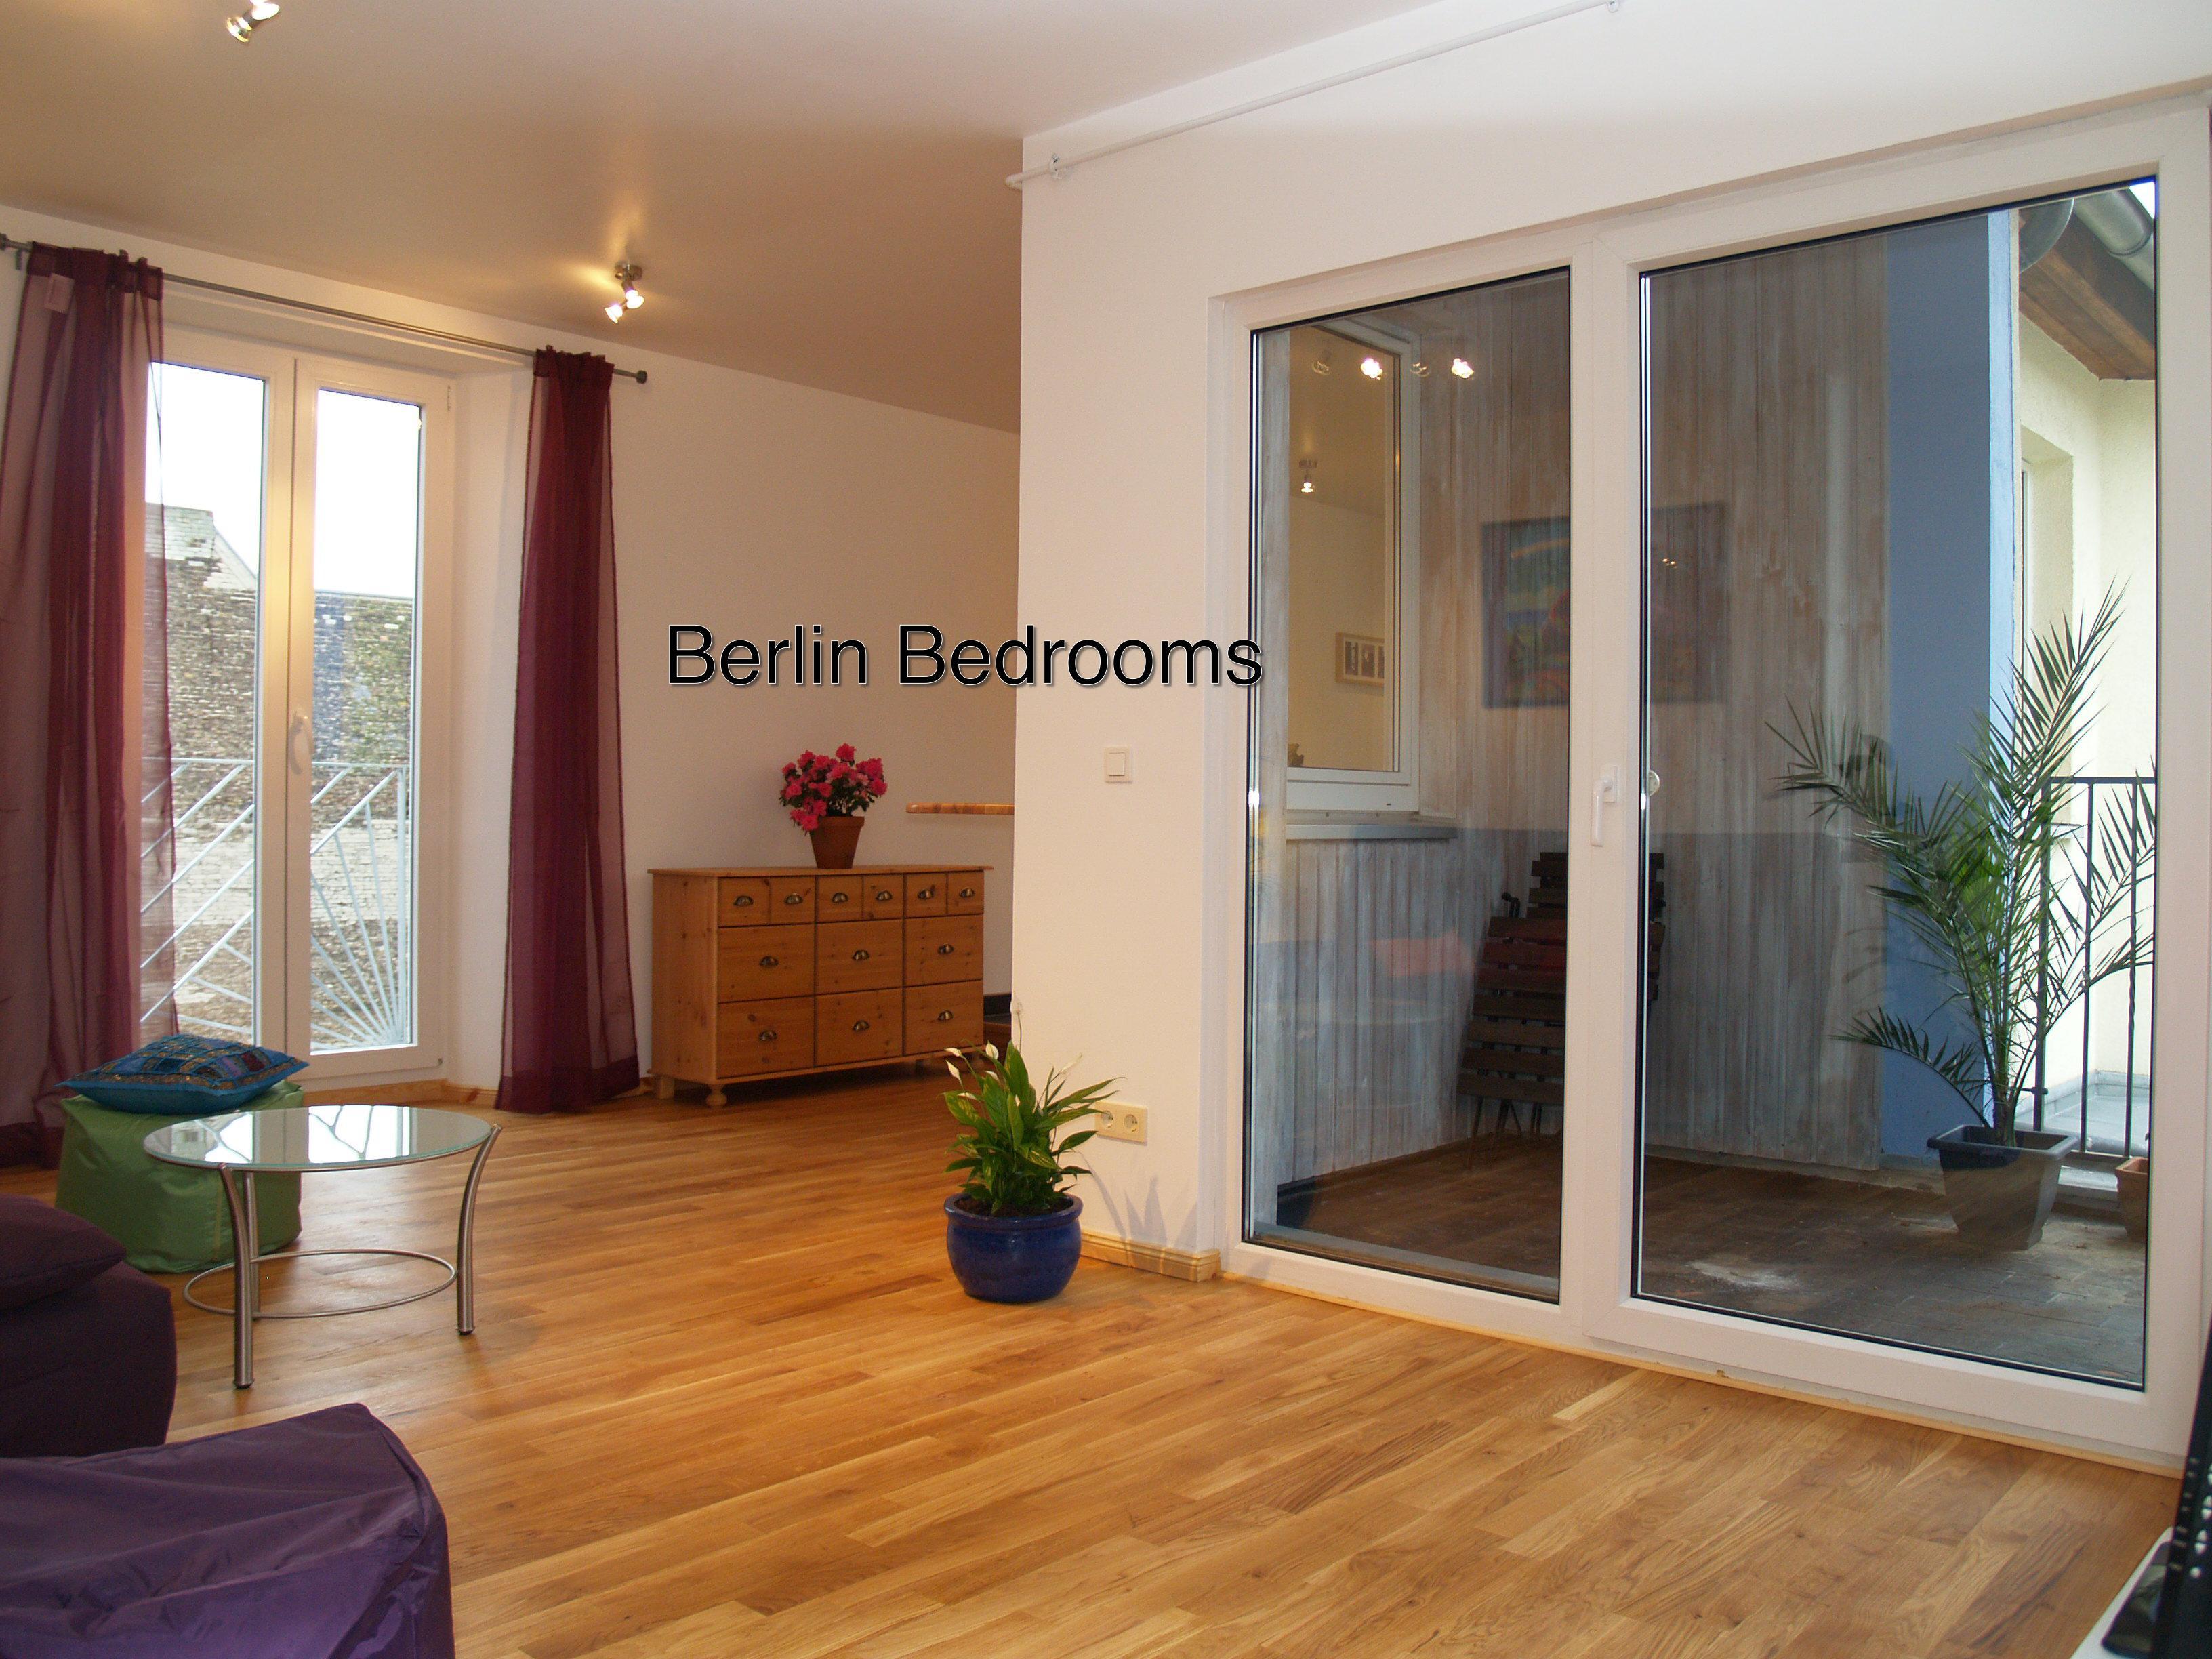 Wohnen auf Zeit Berlin - Möblierte Wohnungen - Berlin Bedrooms Wohnagentur